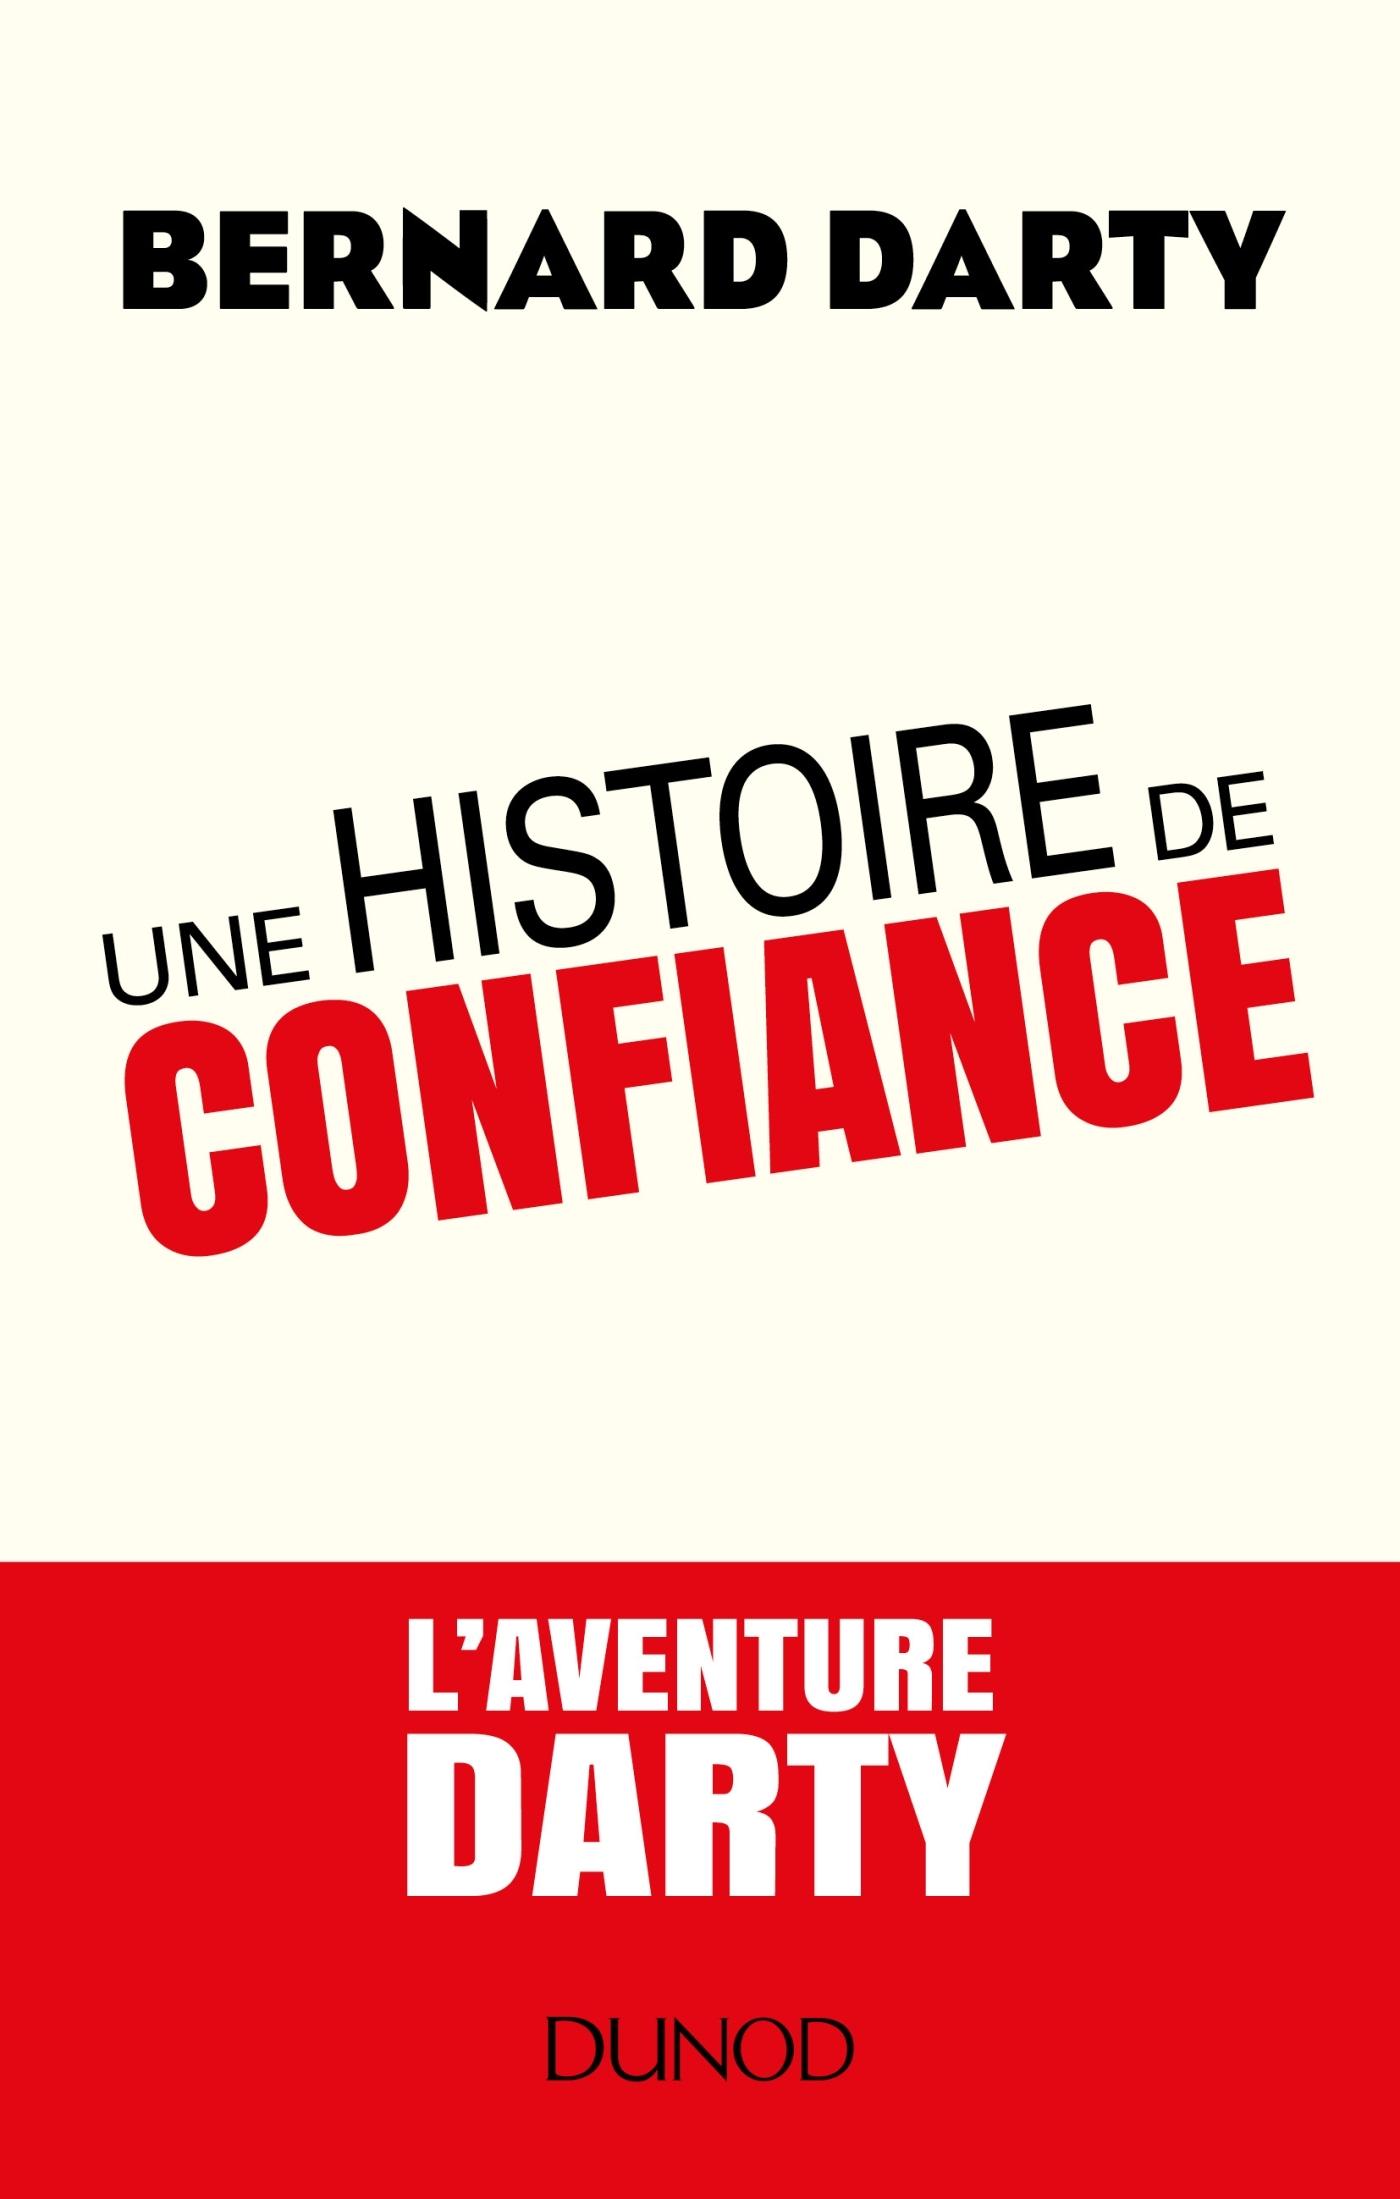 UNE HISTOIRE DE CONFIANCE - L'AVENTURE DARTY